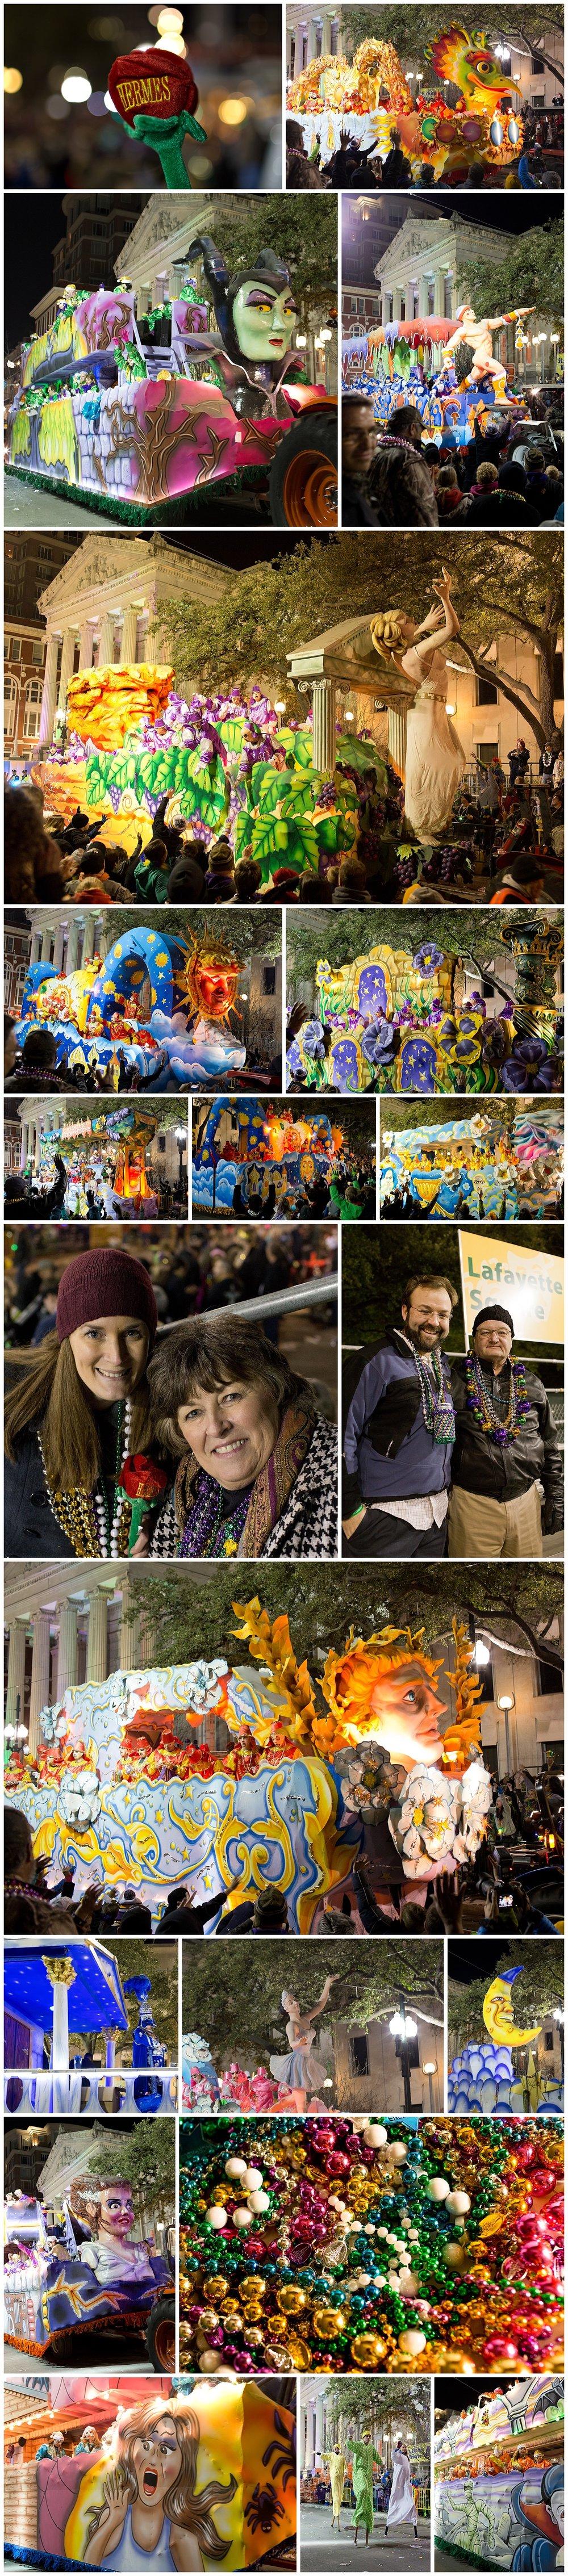 New Orleans Mardi Gras parades - Hermes, D'Etat, Morpheus